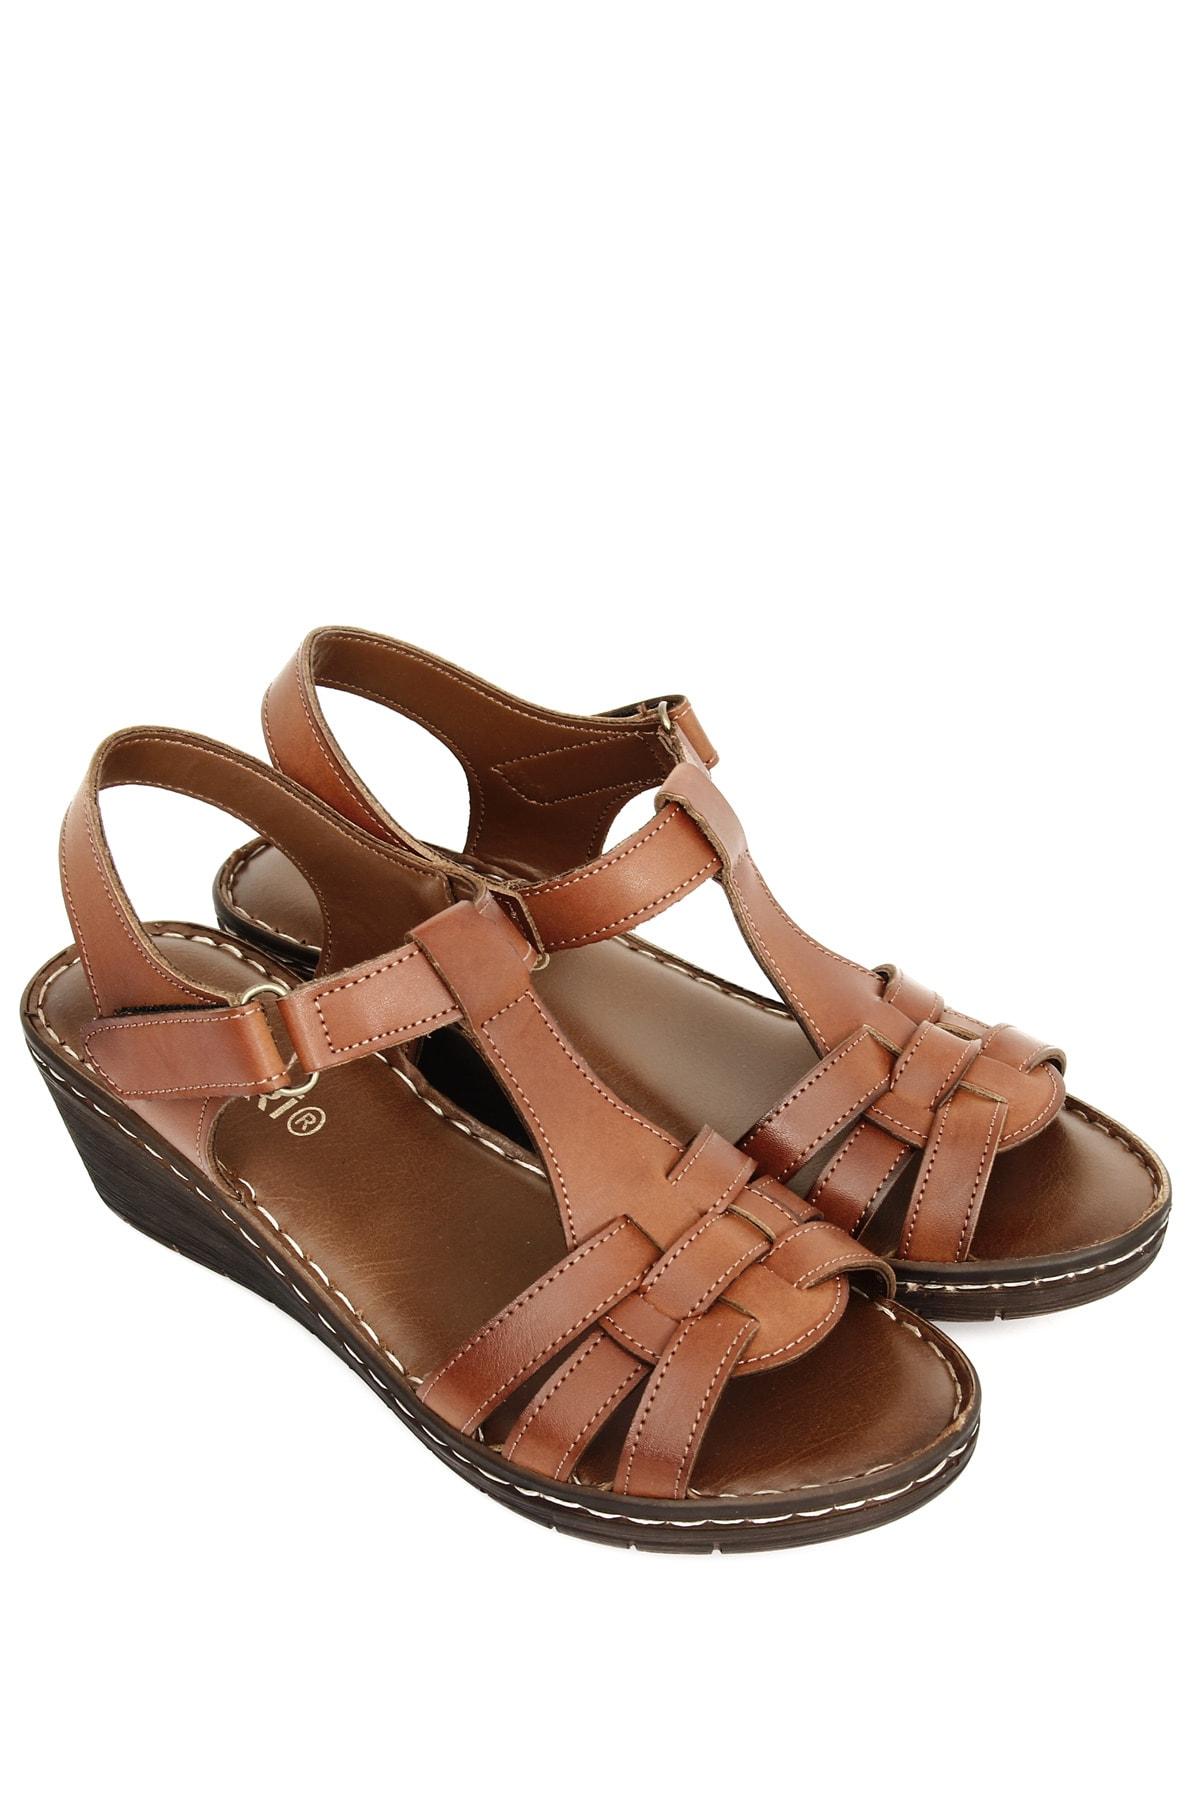 Kadın Sandalet 45222